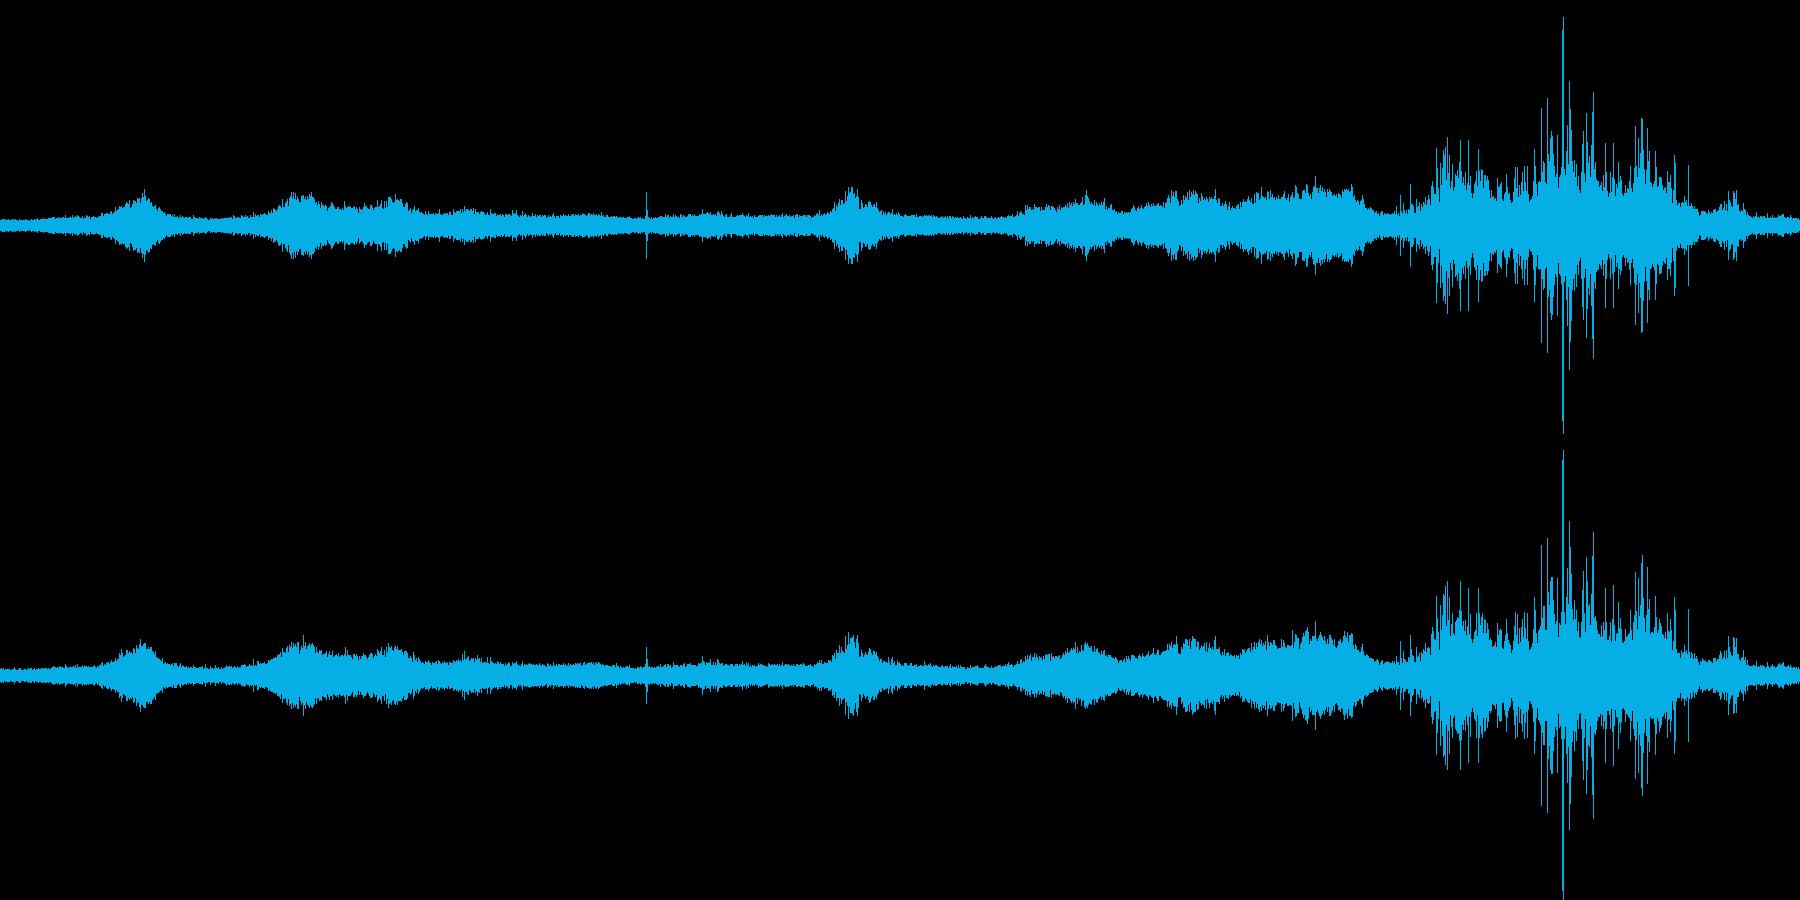 【生音】雷13 - 風と雷と通行音の再生済みの波形